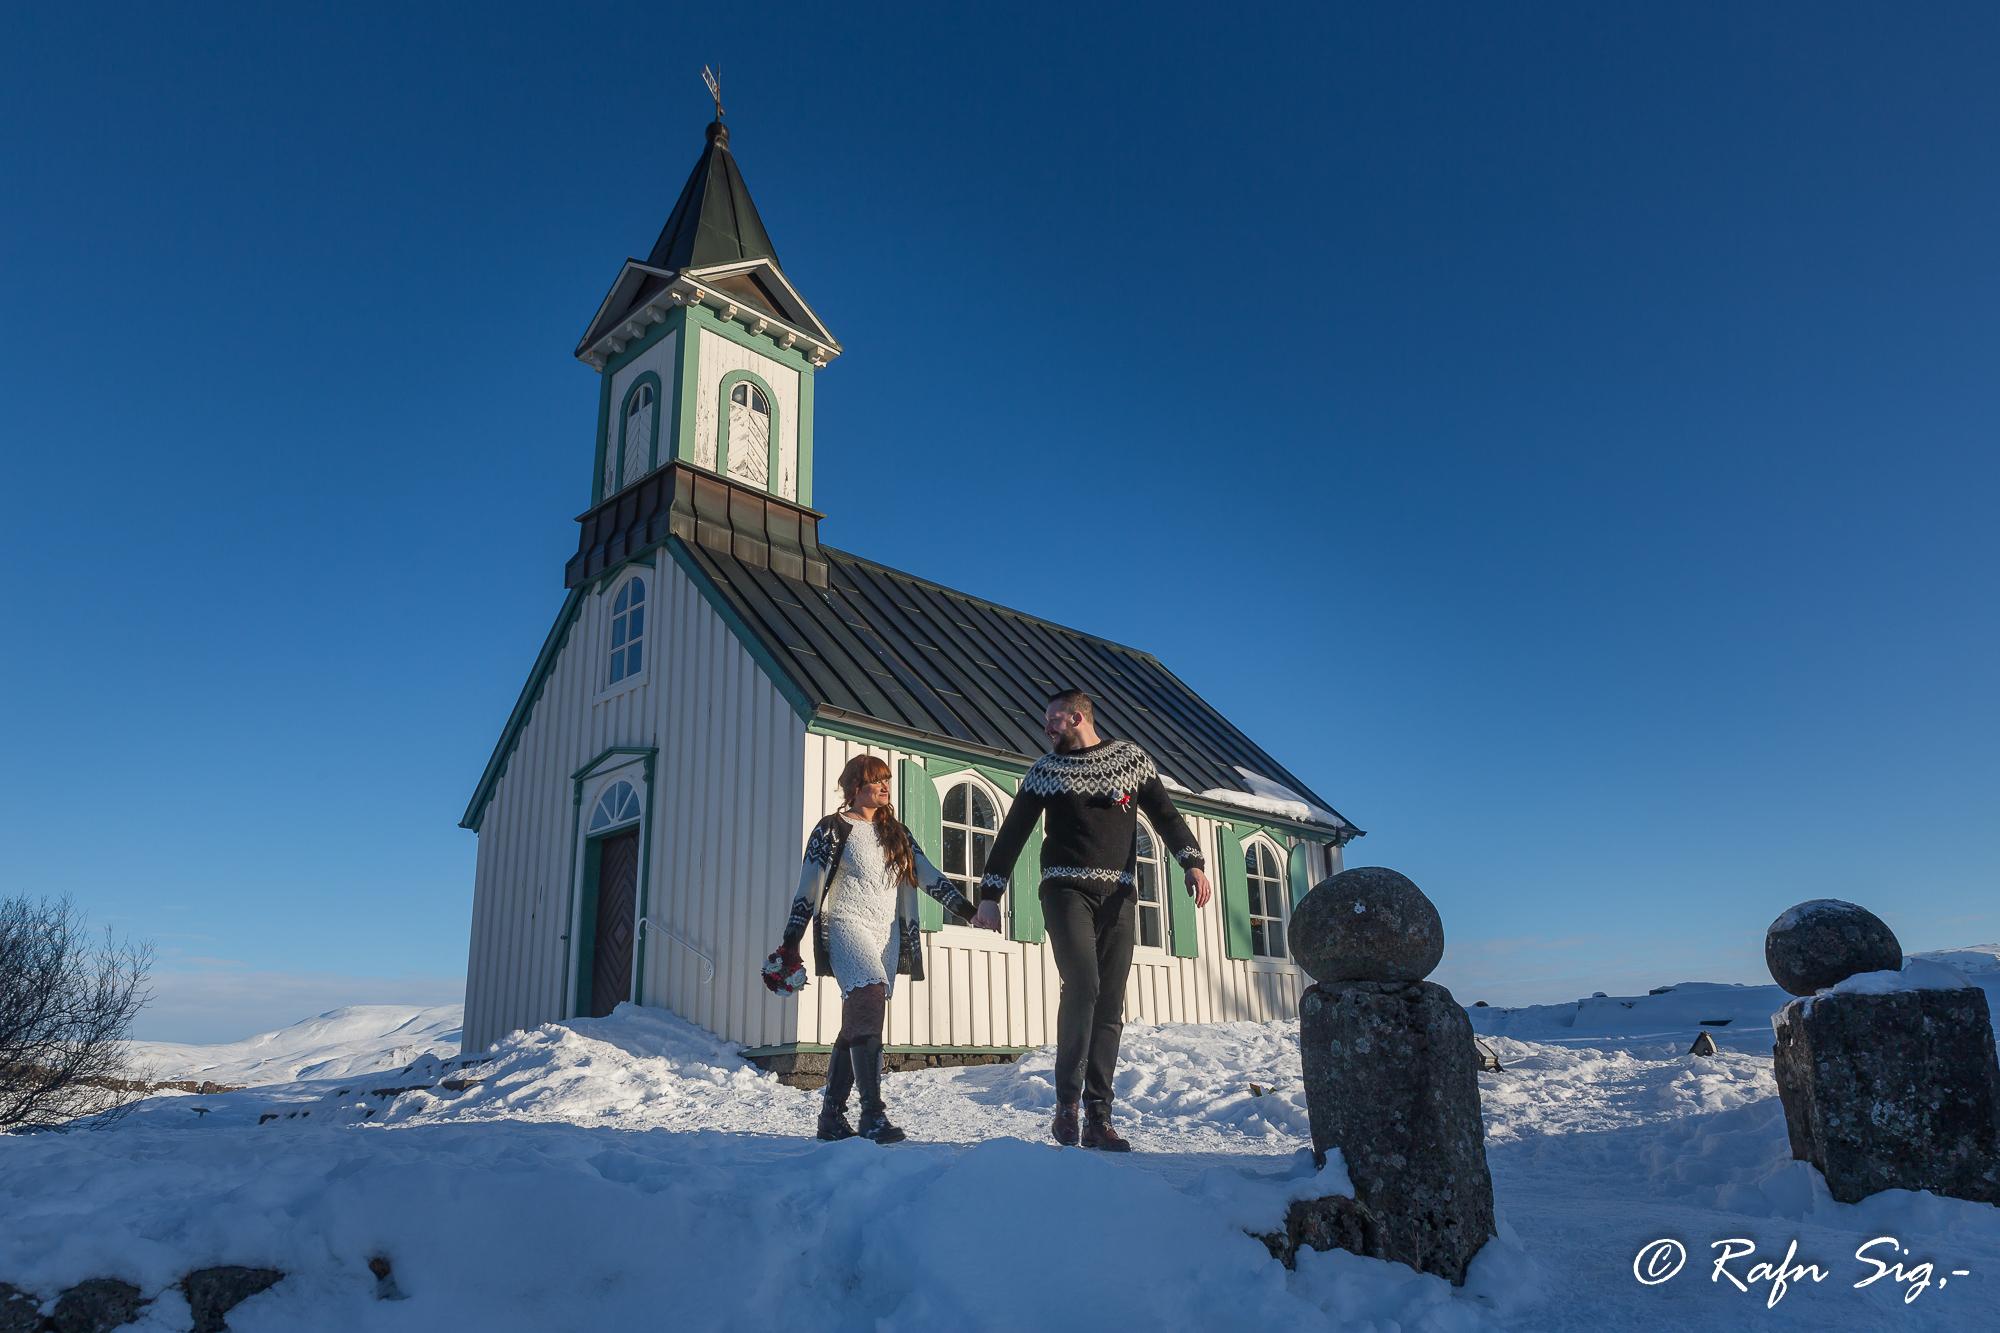 教堂极简婚礼,冰岛结婚照